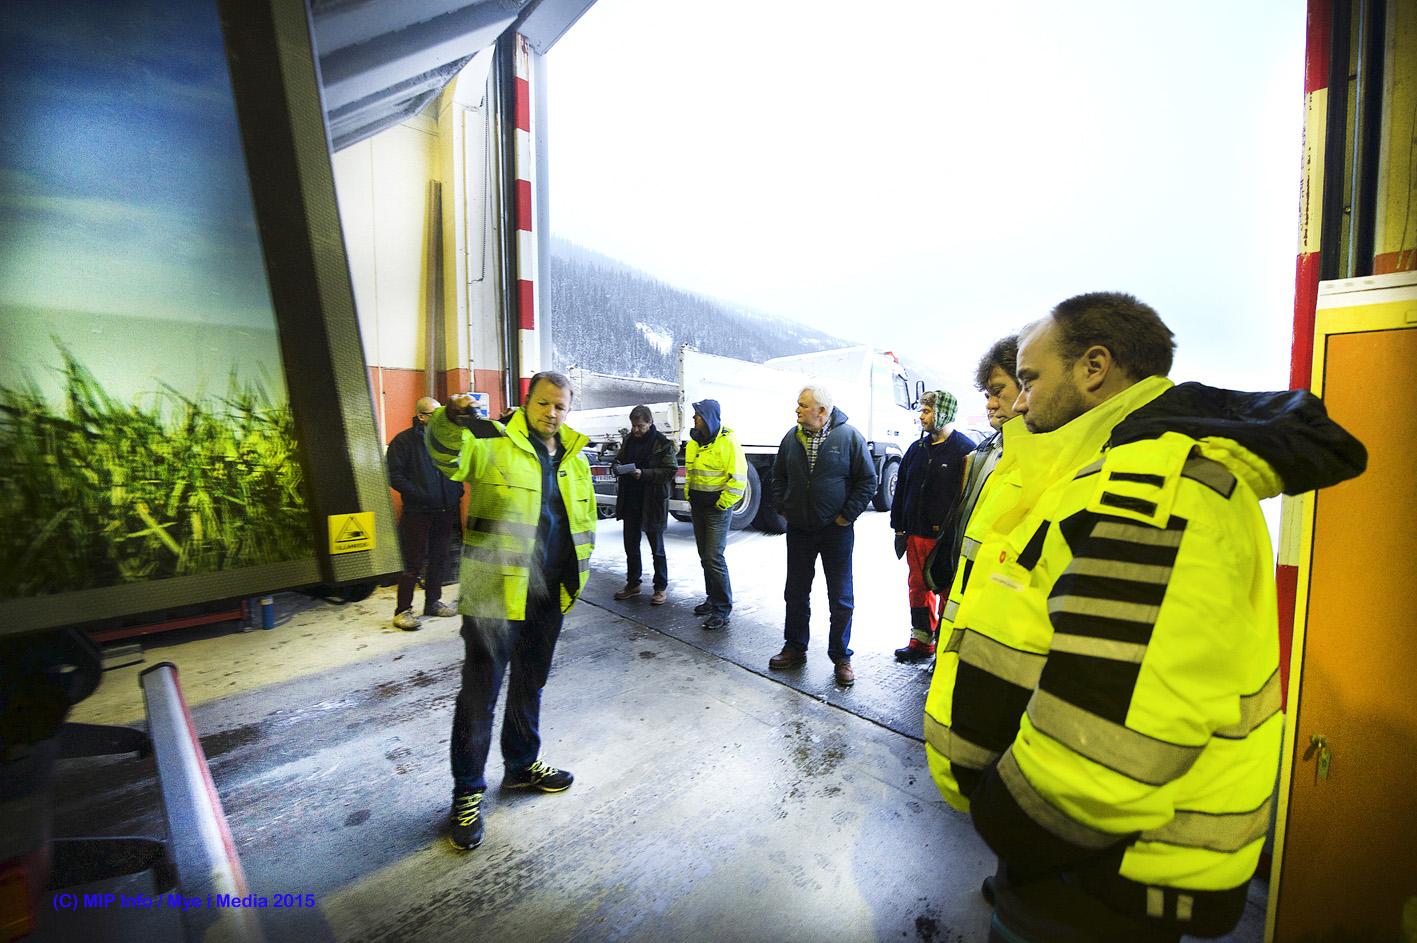 Kjell Magne Nilsen viser gjester fra Trondheim og Bodø hvor mye støv bilen sugde opp fra et tilsynelatende rent gulv inne i en av hallene i industriparken.